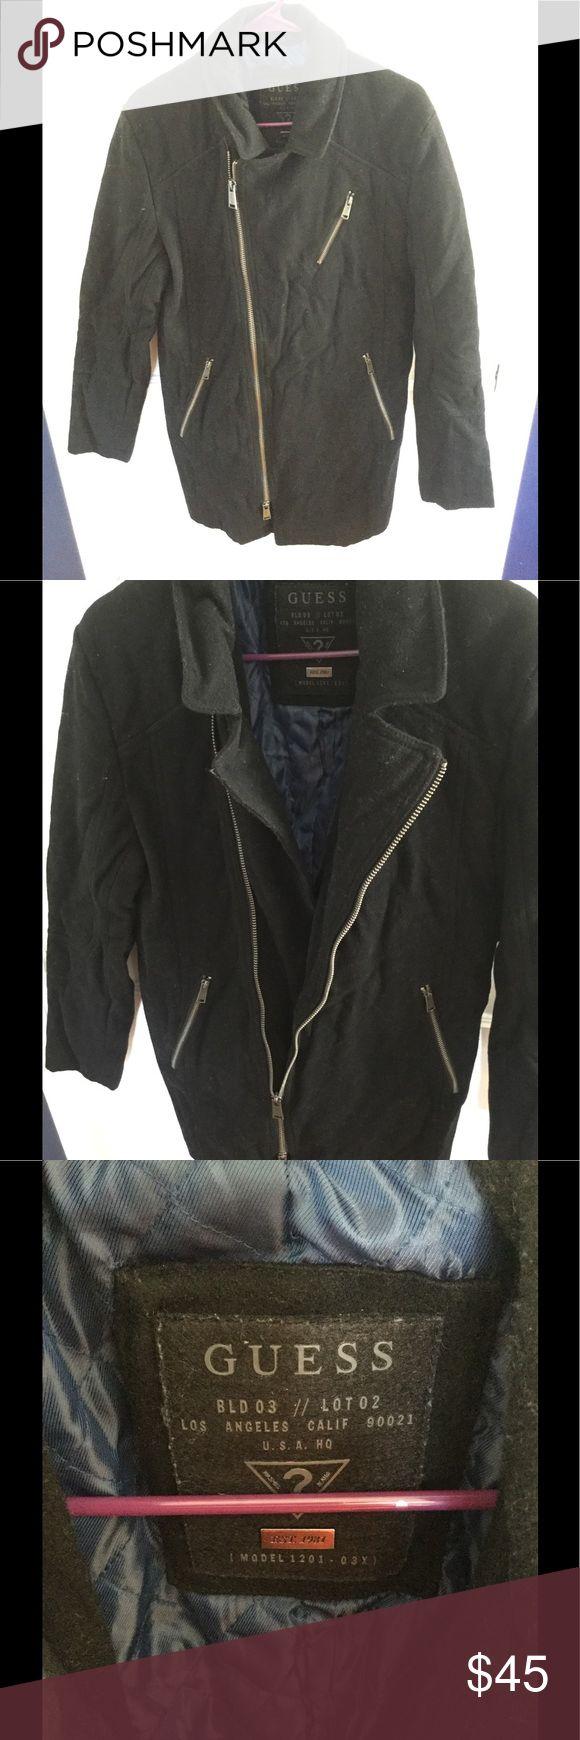 Long coat for men Good condition Guess Jackets & Coats Pea Coats